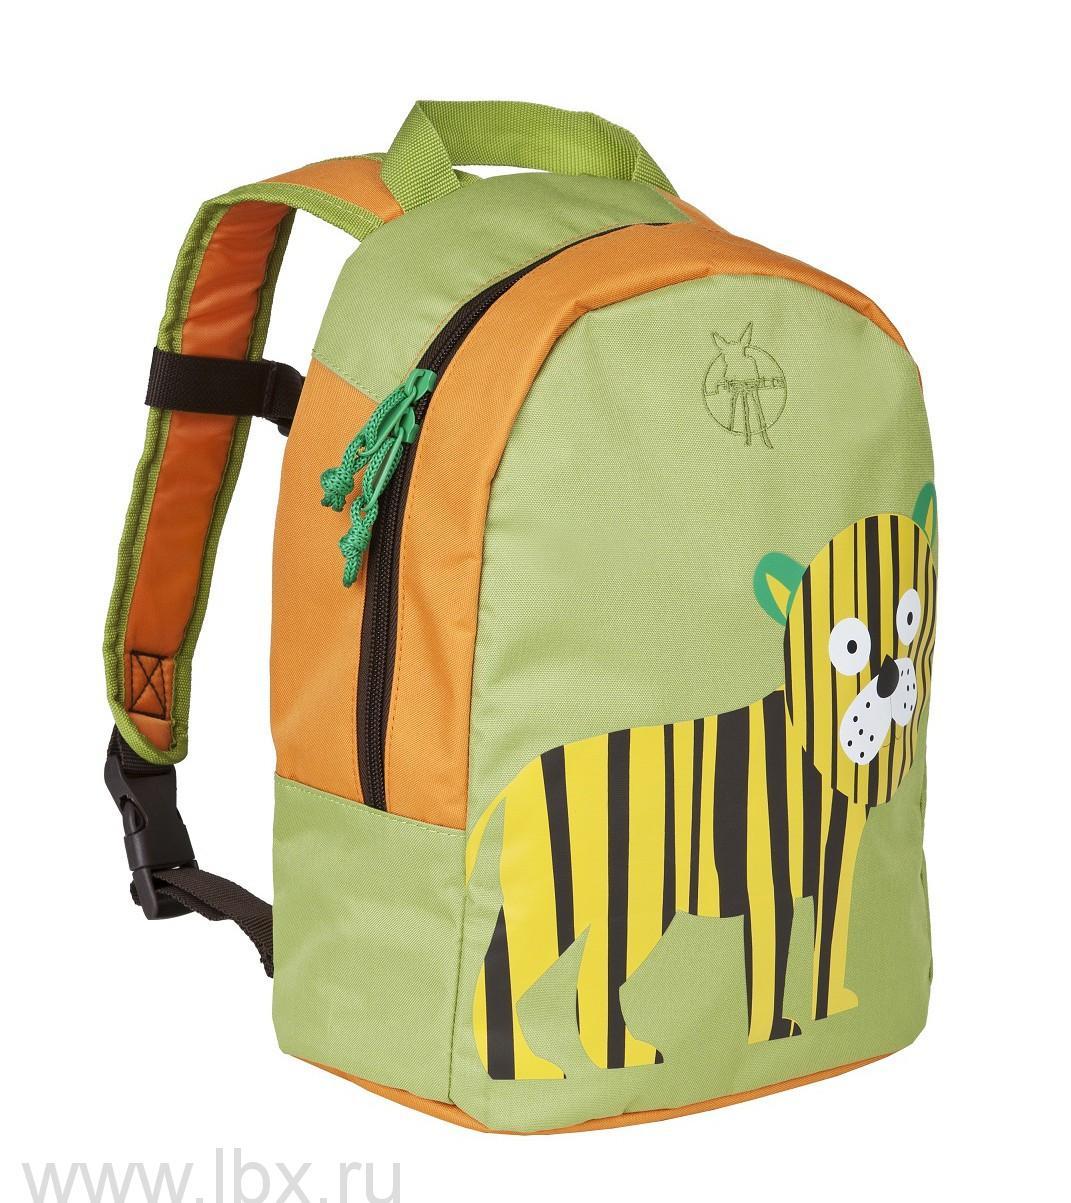 Рюкзак тигренок салатовый Lassig (Лессиг)- увеличить фото